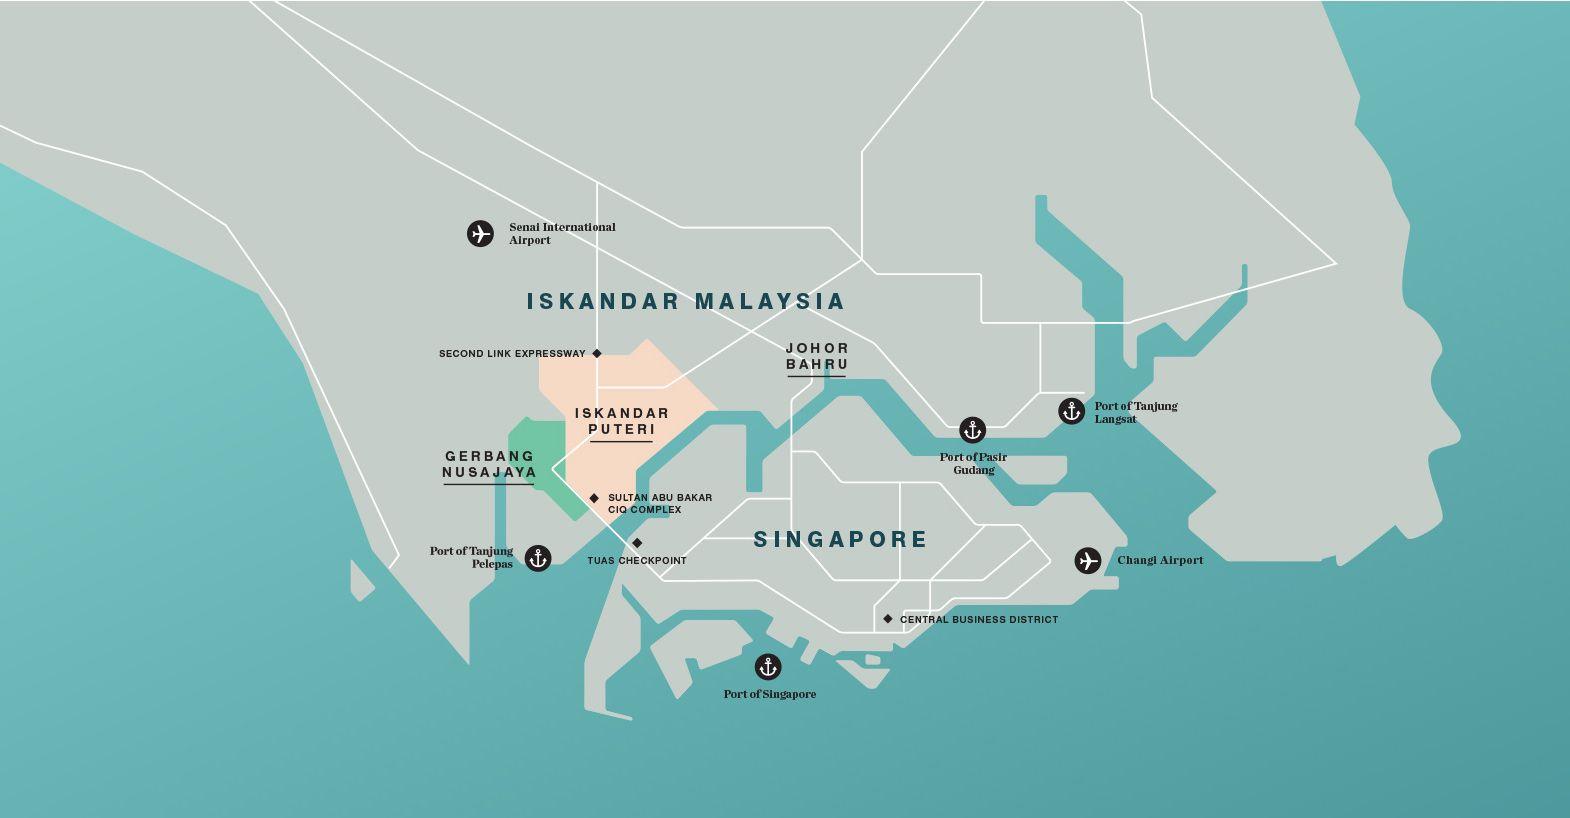 Figure 1 Map of landscapes of Iskandar